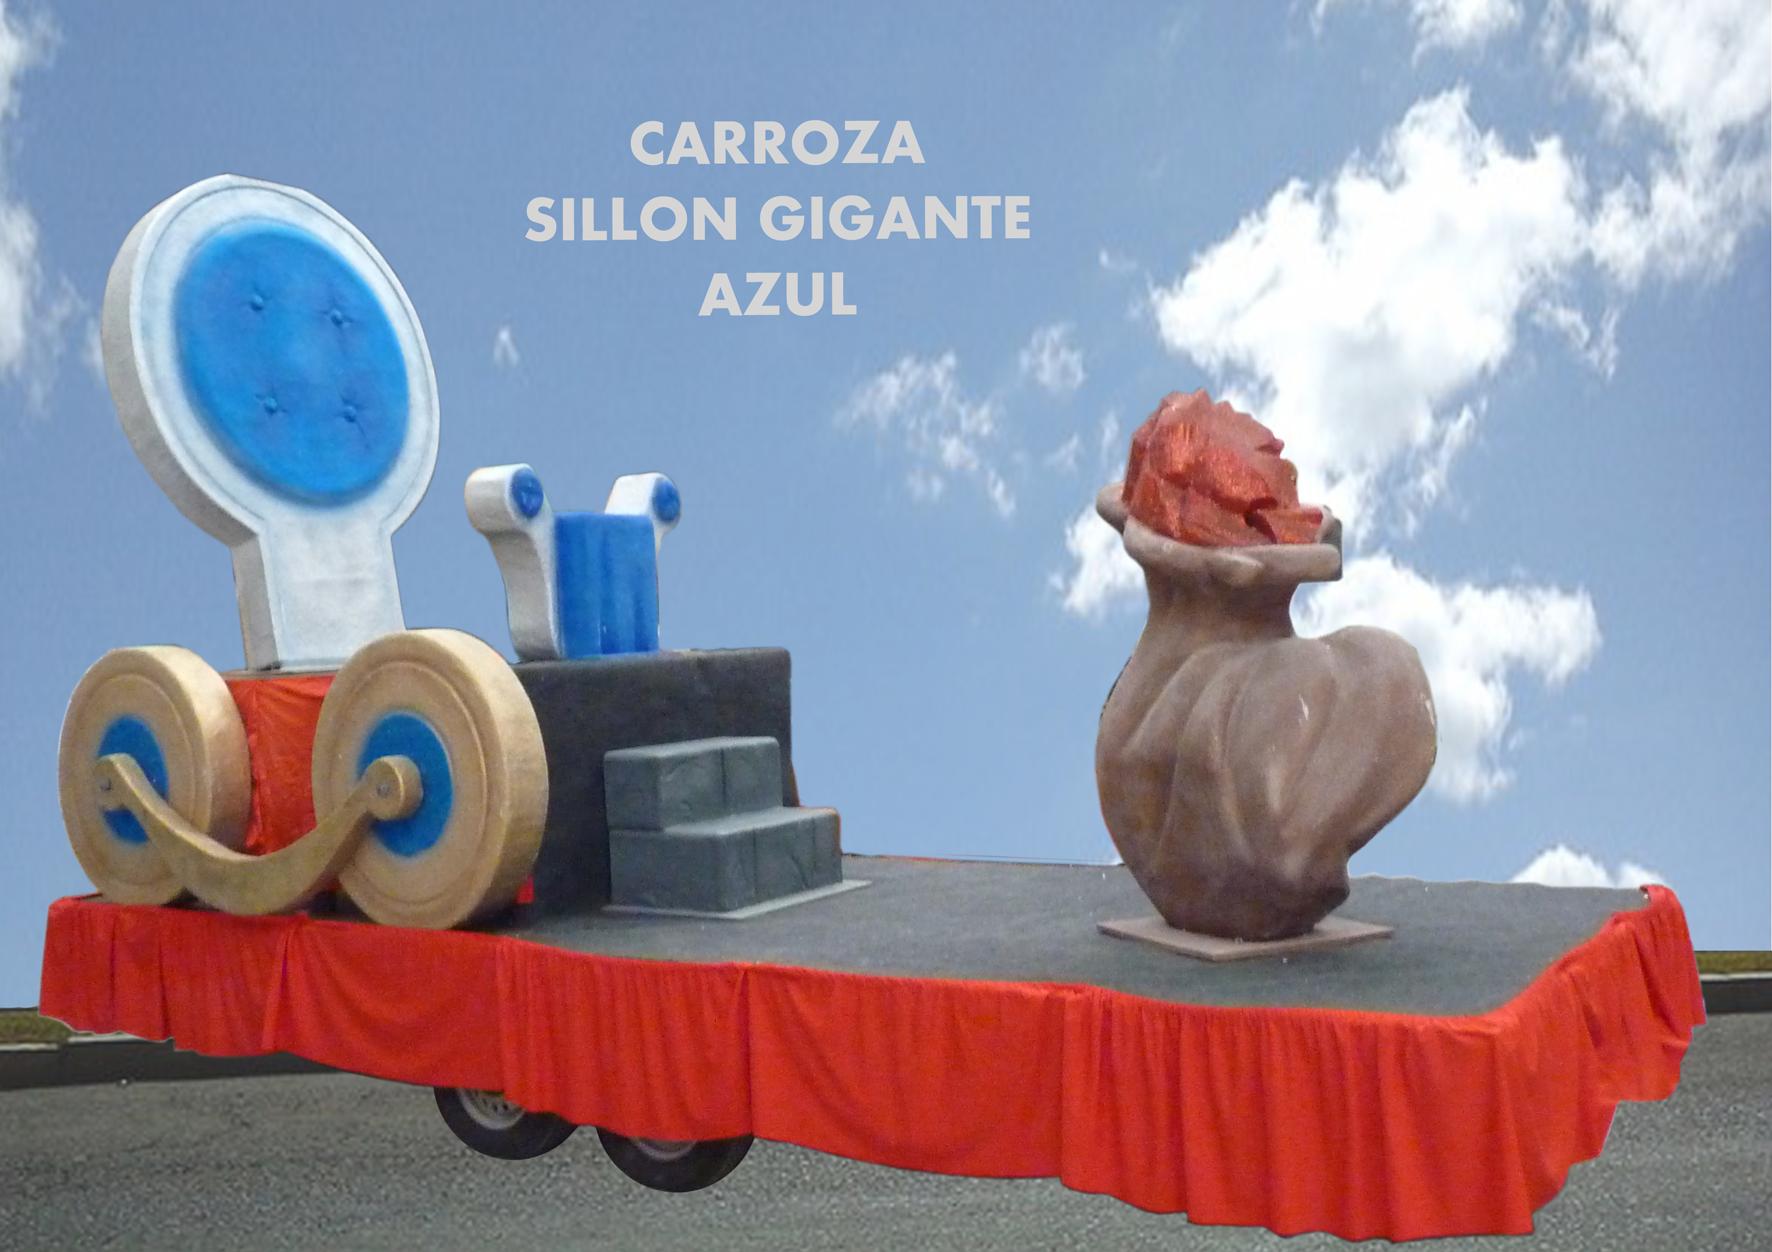 Carroza Reyes Magos Sillón Gigante Azul